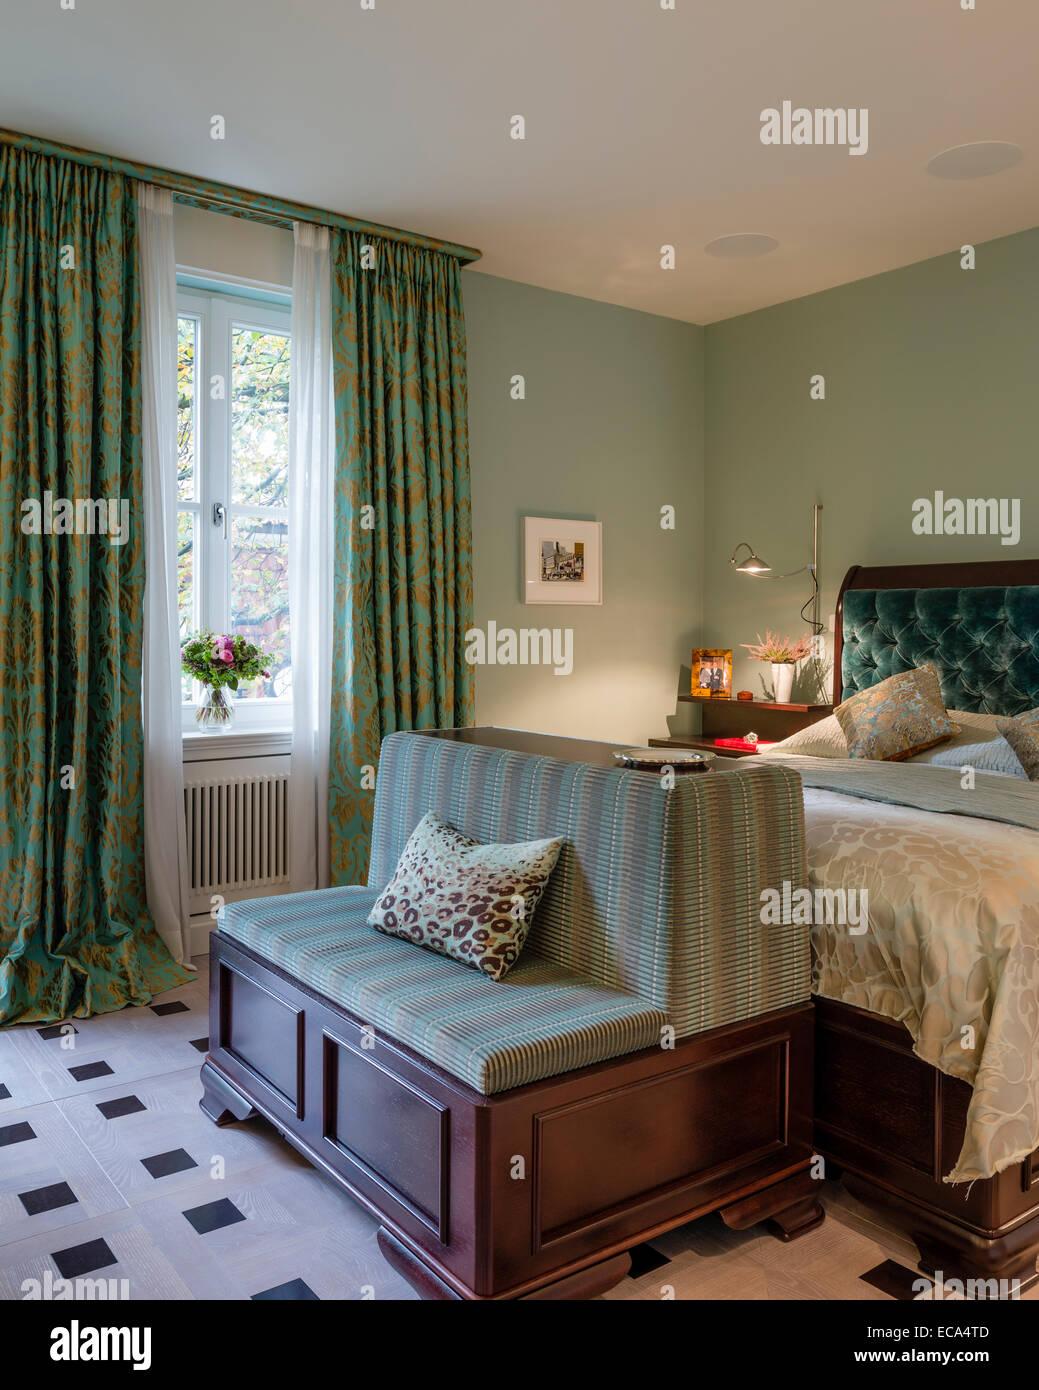 Aquamarin samt zugeknöpft Kopfteil auf Bett im Schlafzimmer mit Grün ...